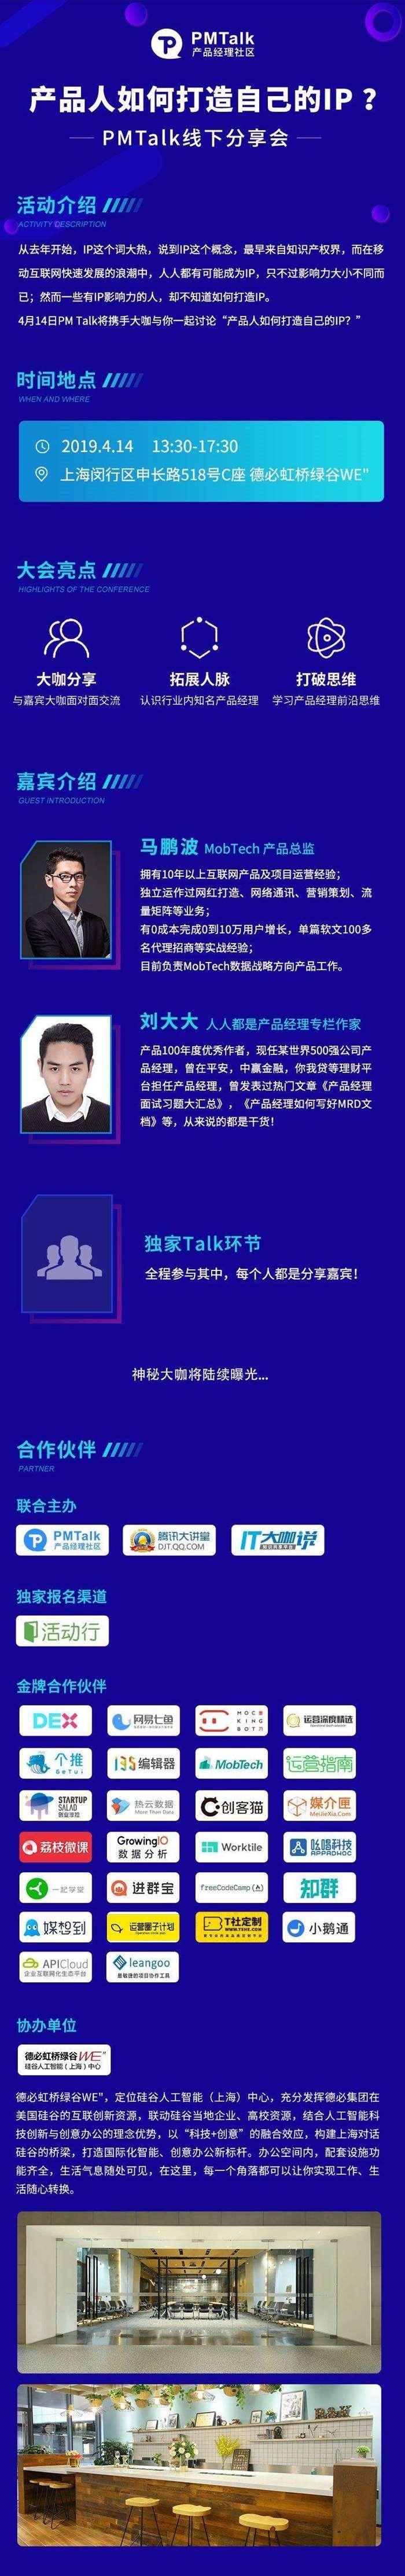 上海长图.jpg